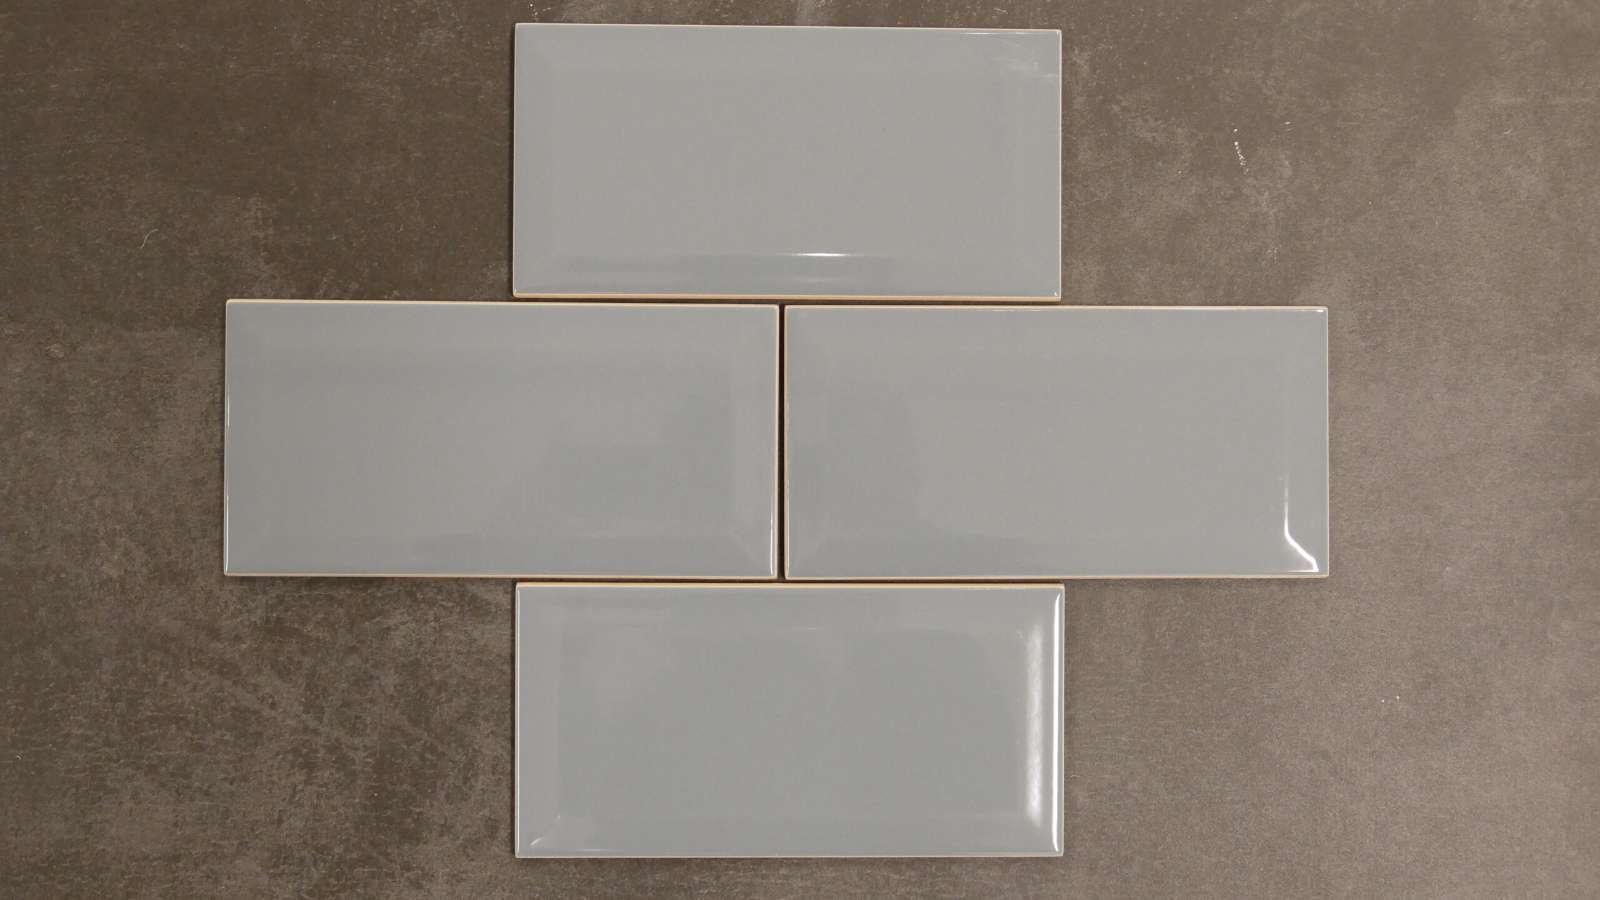 Wandfliese, Villeroy+Boch, weiß und 30x40cm